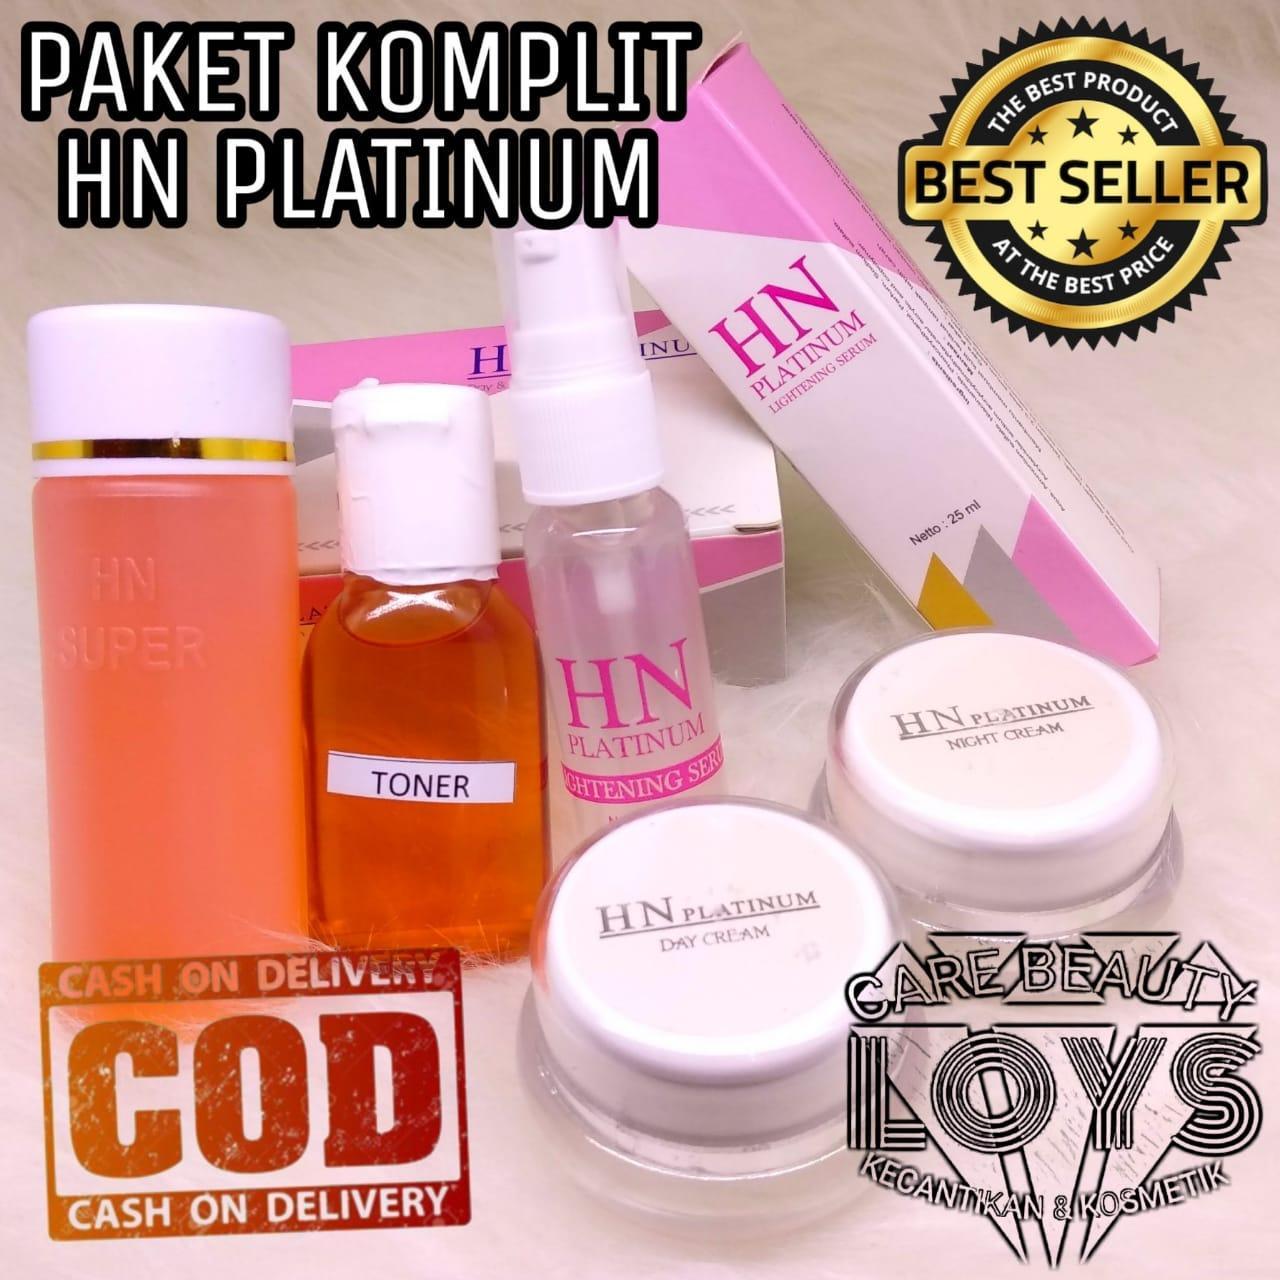 Hn Platinum Komplit Paket Hn Platinum Cream Siang Malam Sabun Serum Toner Original Bpom Cream Hn Pemutih Wajah Lcbeauty Lazada Indonesia